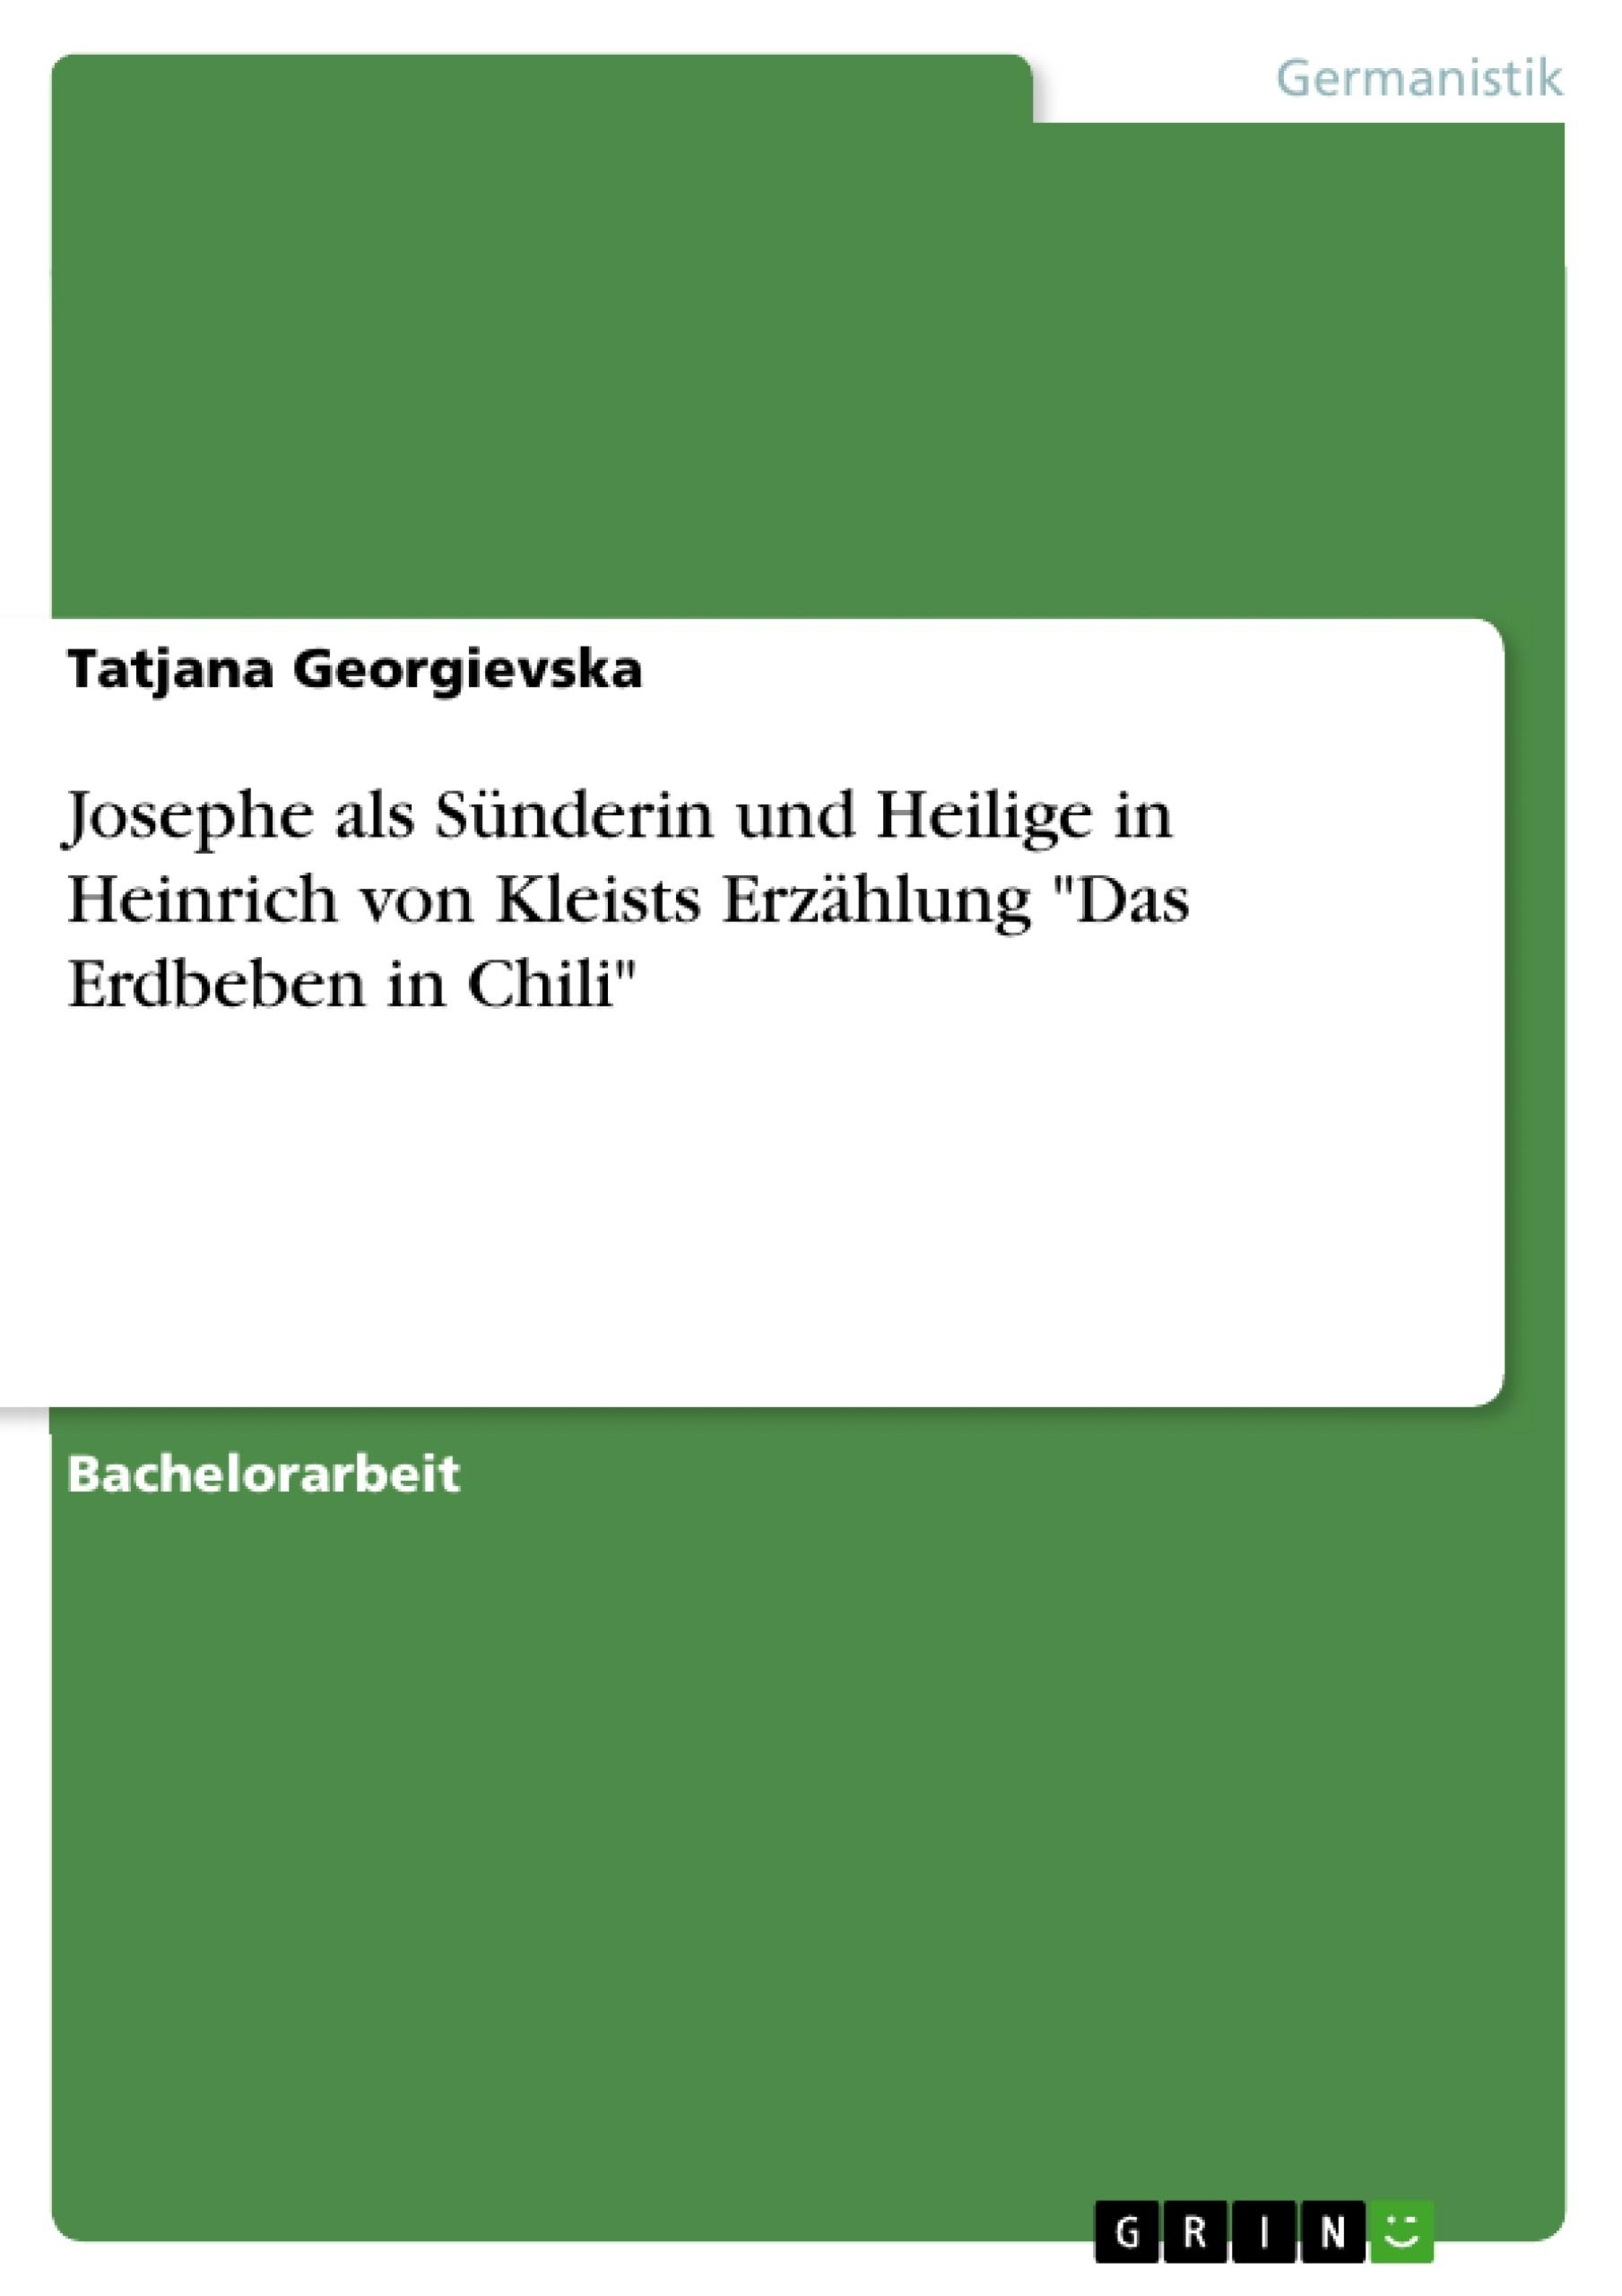 """Titel: Josephe als Sünderin und Heilige in Heinrich von Kleists Erzählung """"Das Erdbeben in Chili"""""""